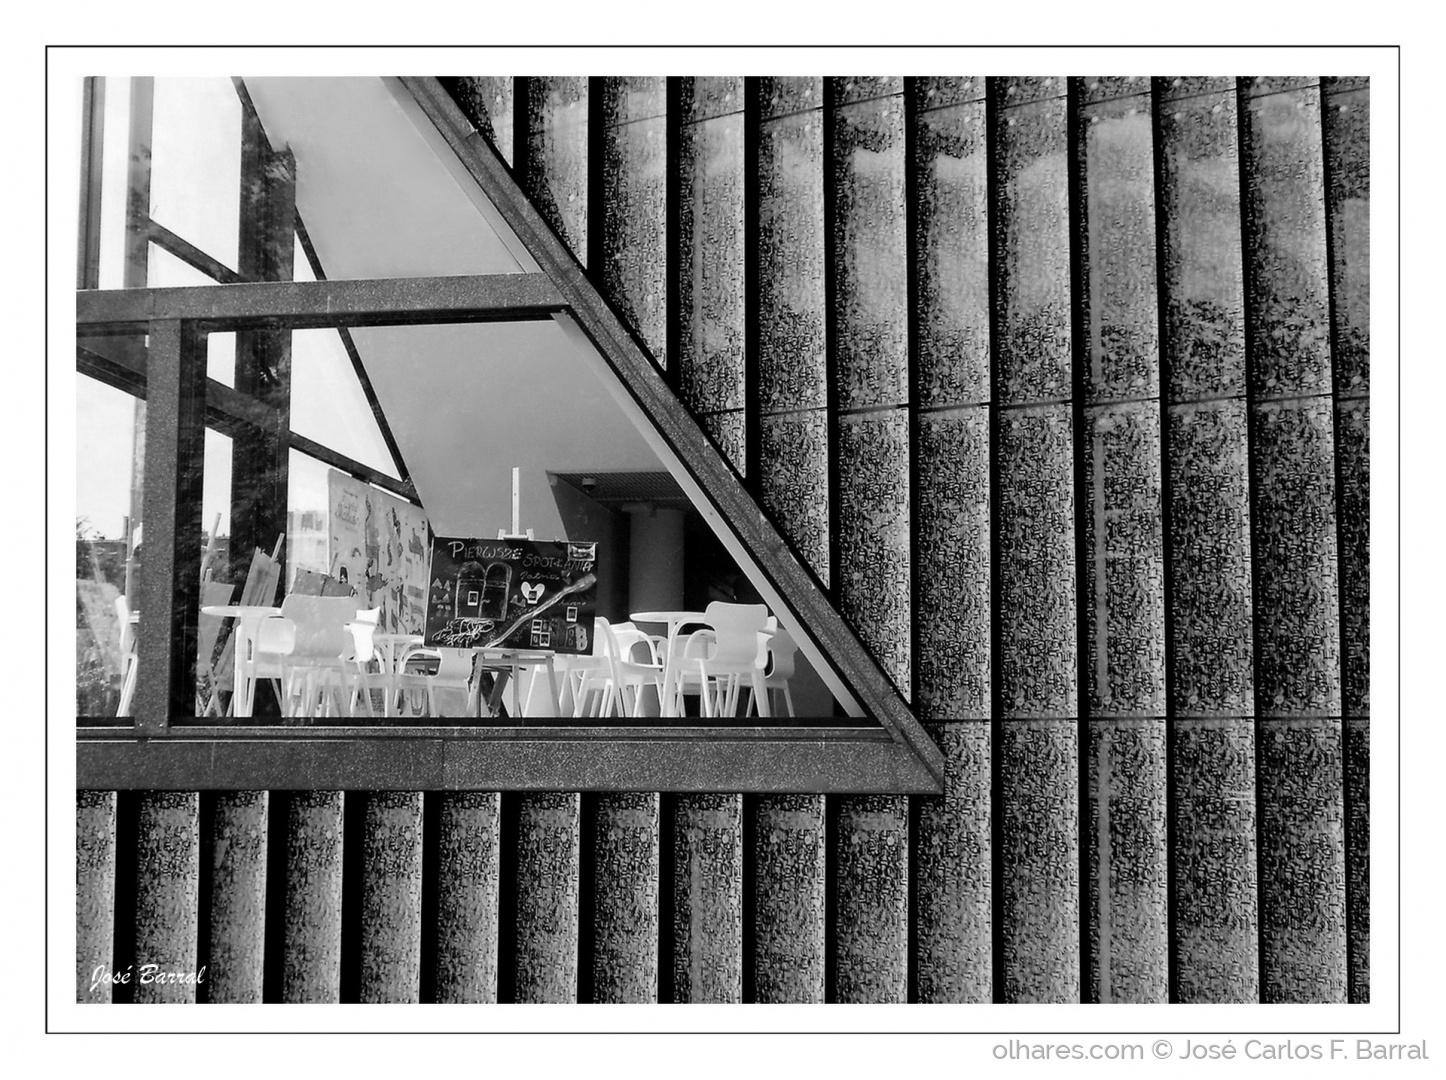 Arquitetura/ESPAÇO DELTA